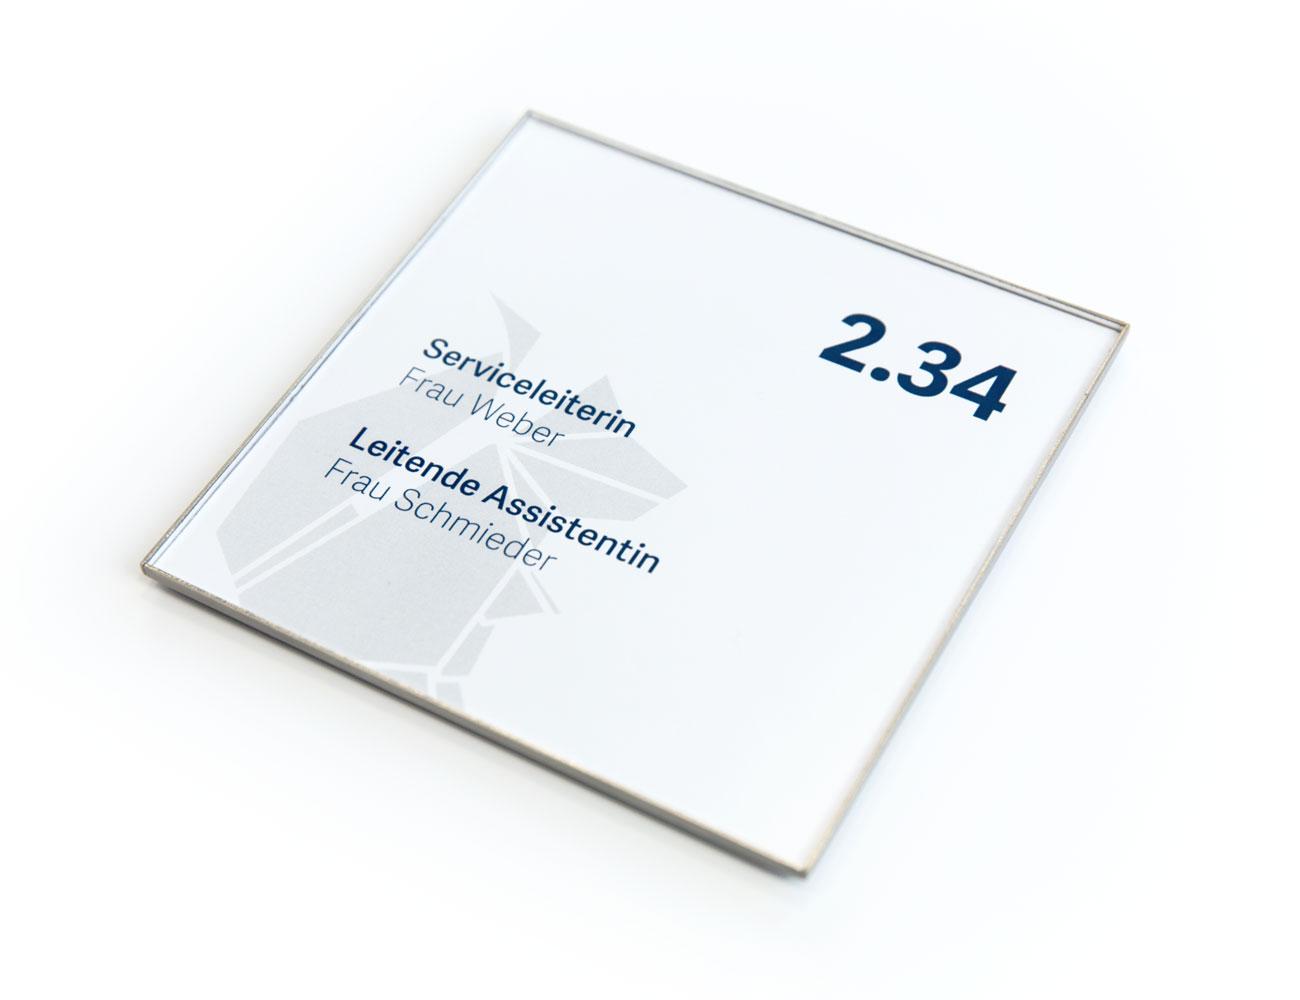 quadratischer Rahmen mit Beschriftung auf weißem Hintergrund